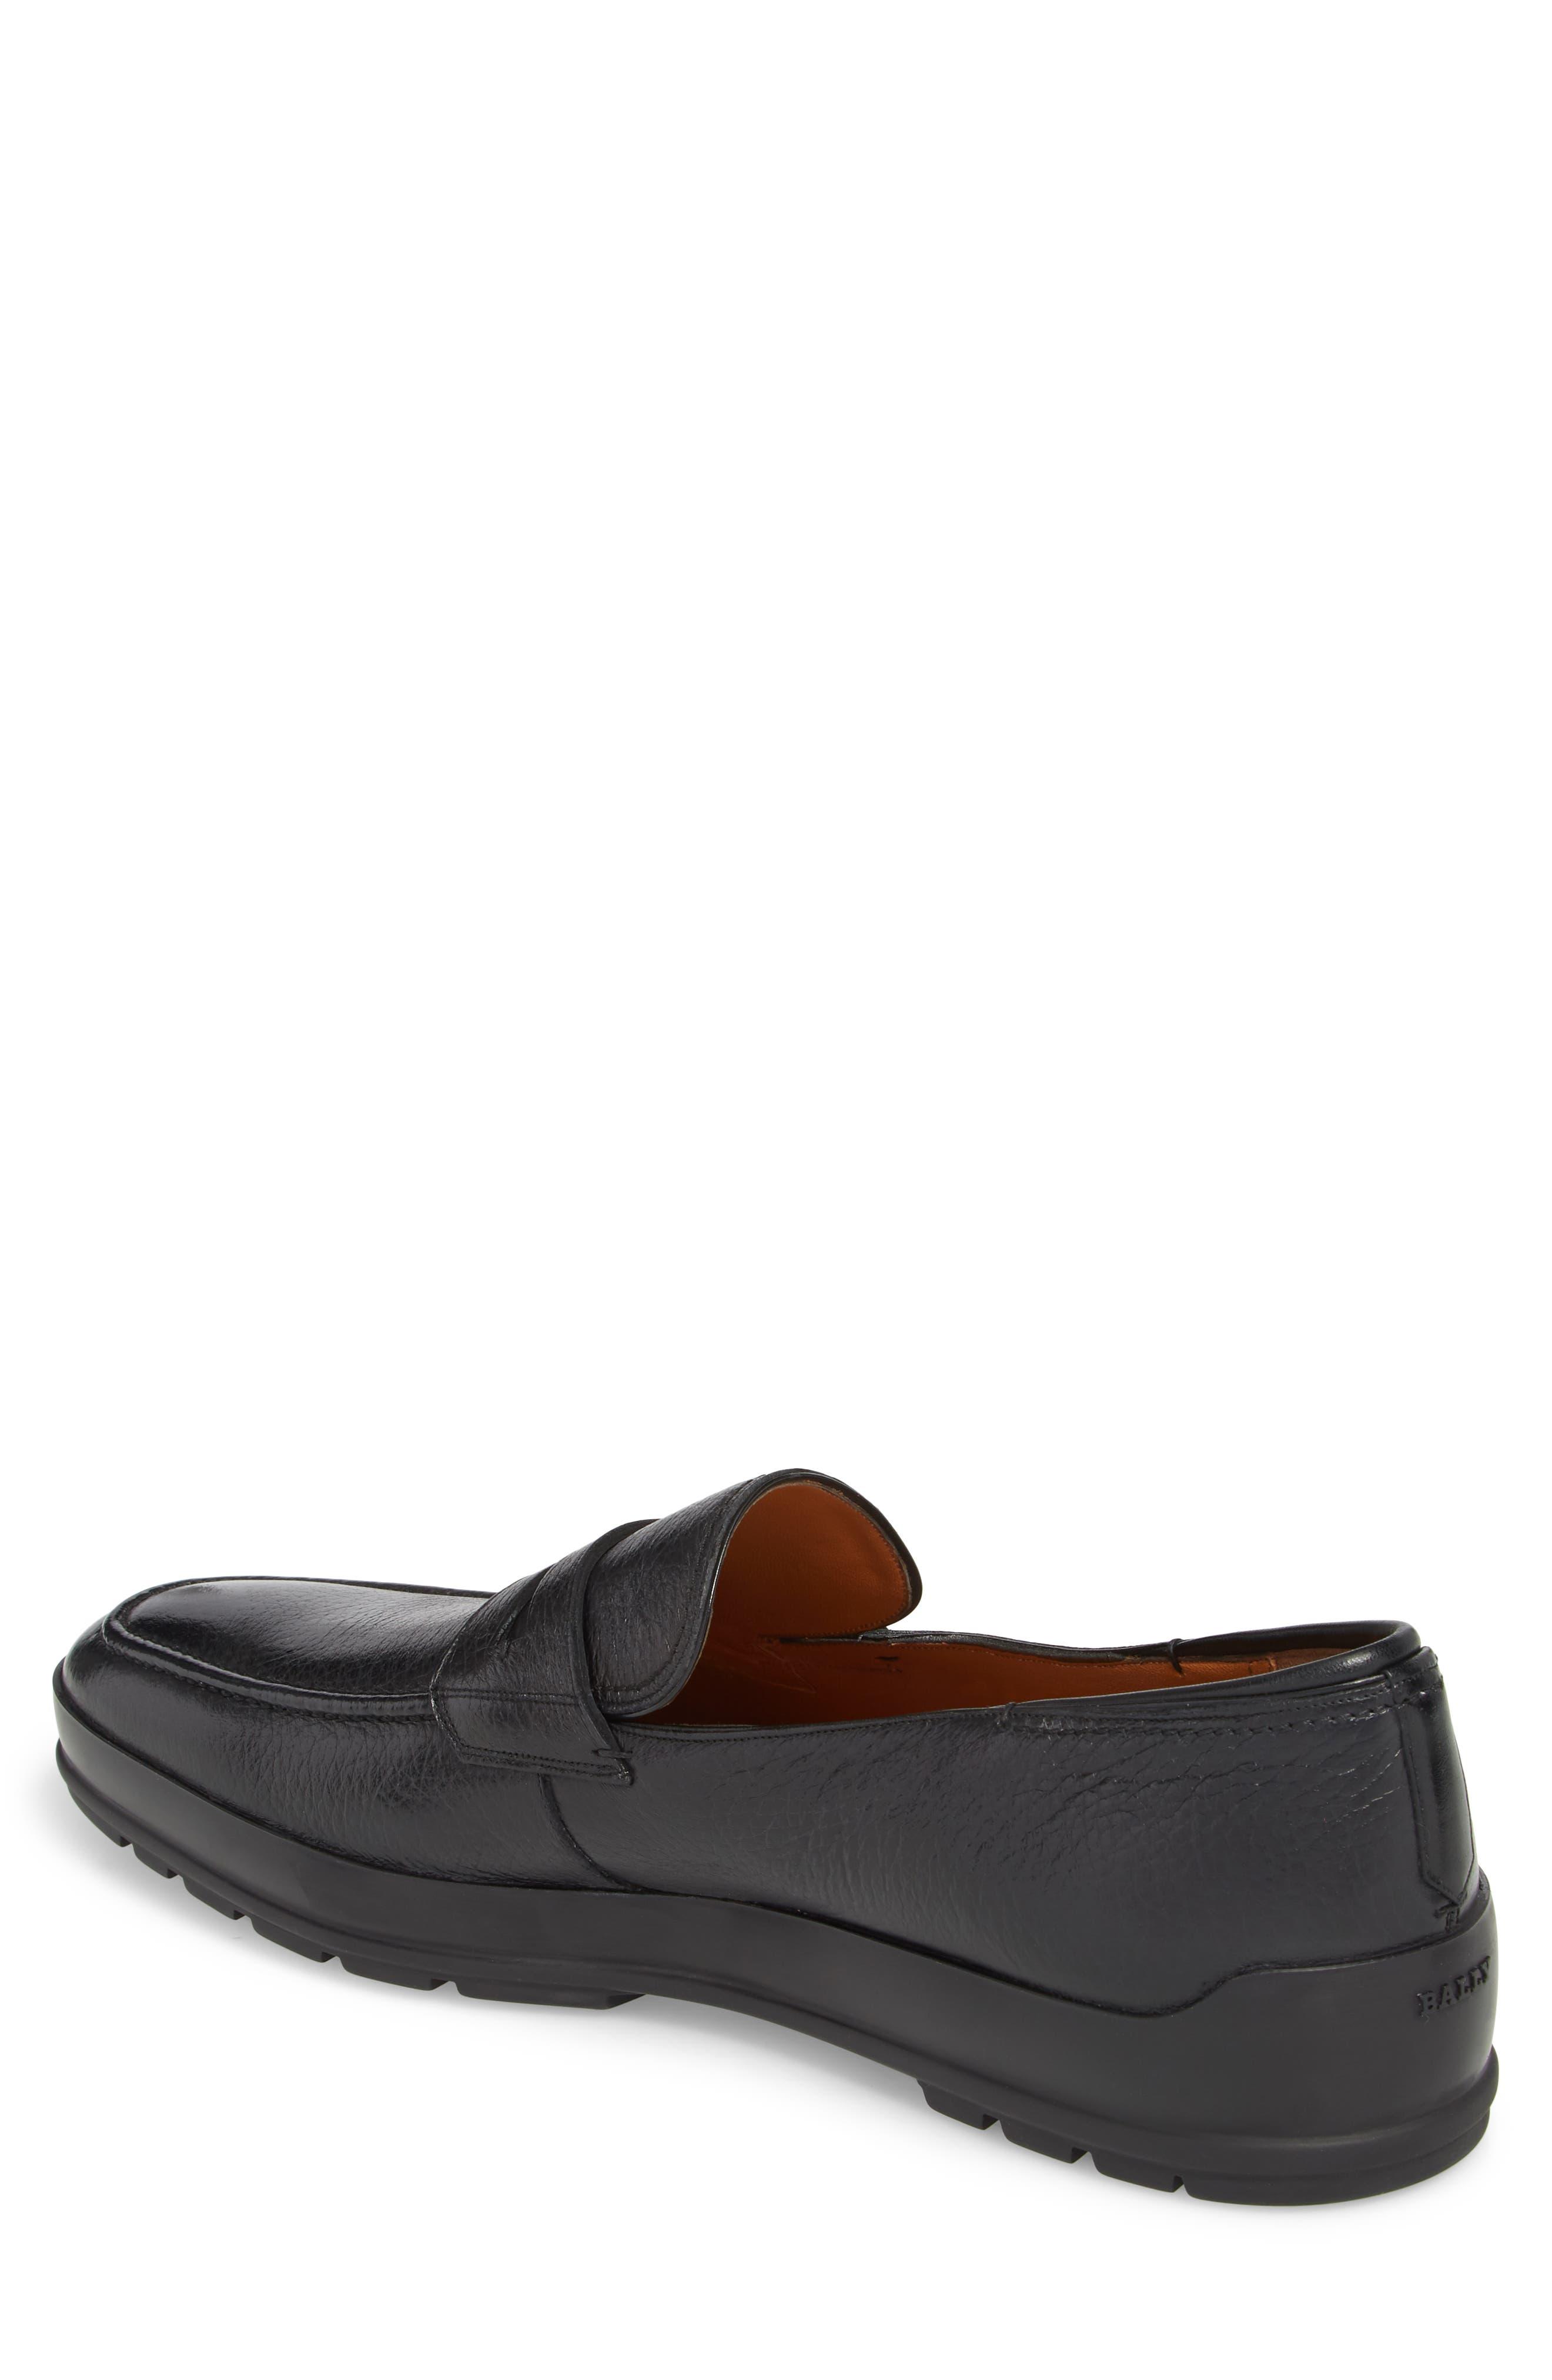 Relon Hybrid Penny Loafer,                             Alternate thumbnail 2, color,                             Black